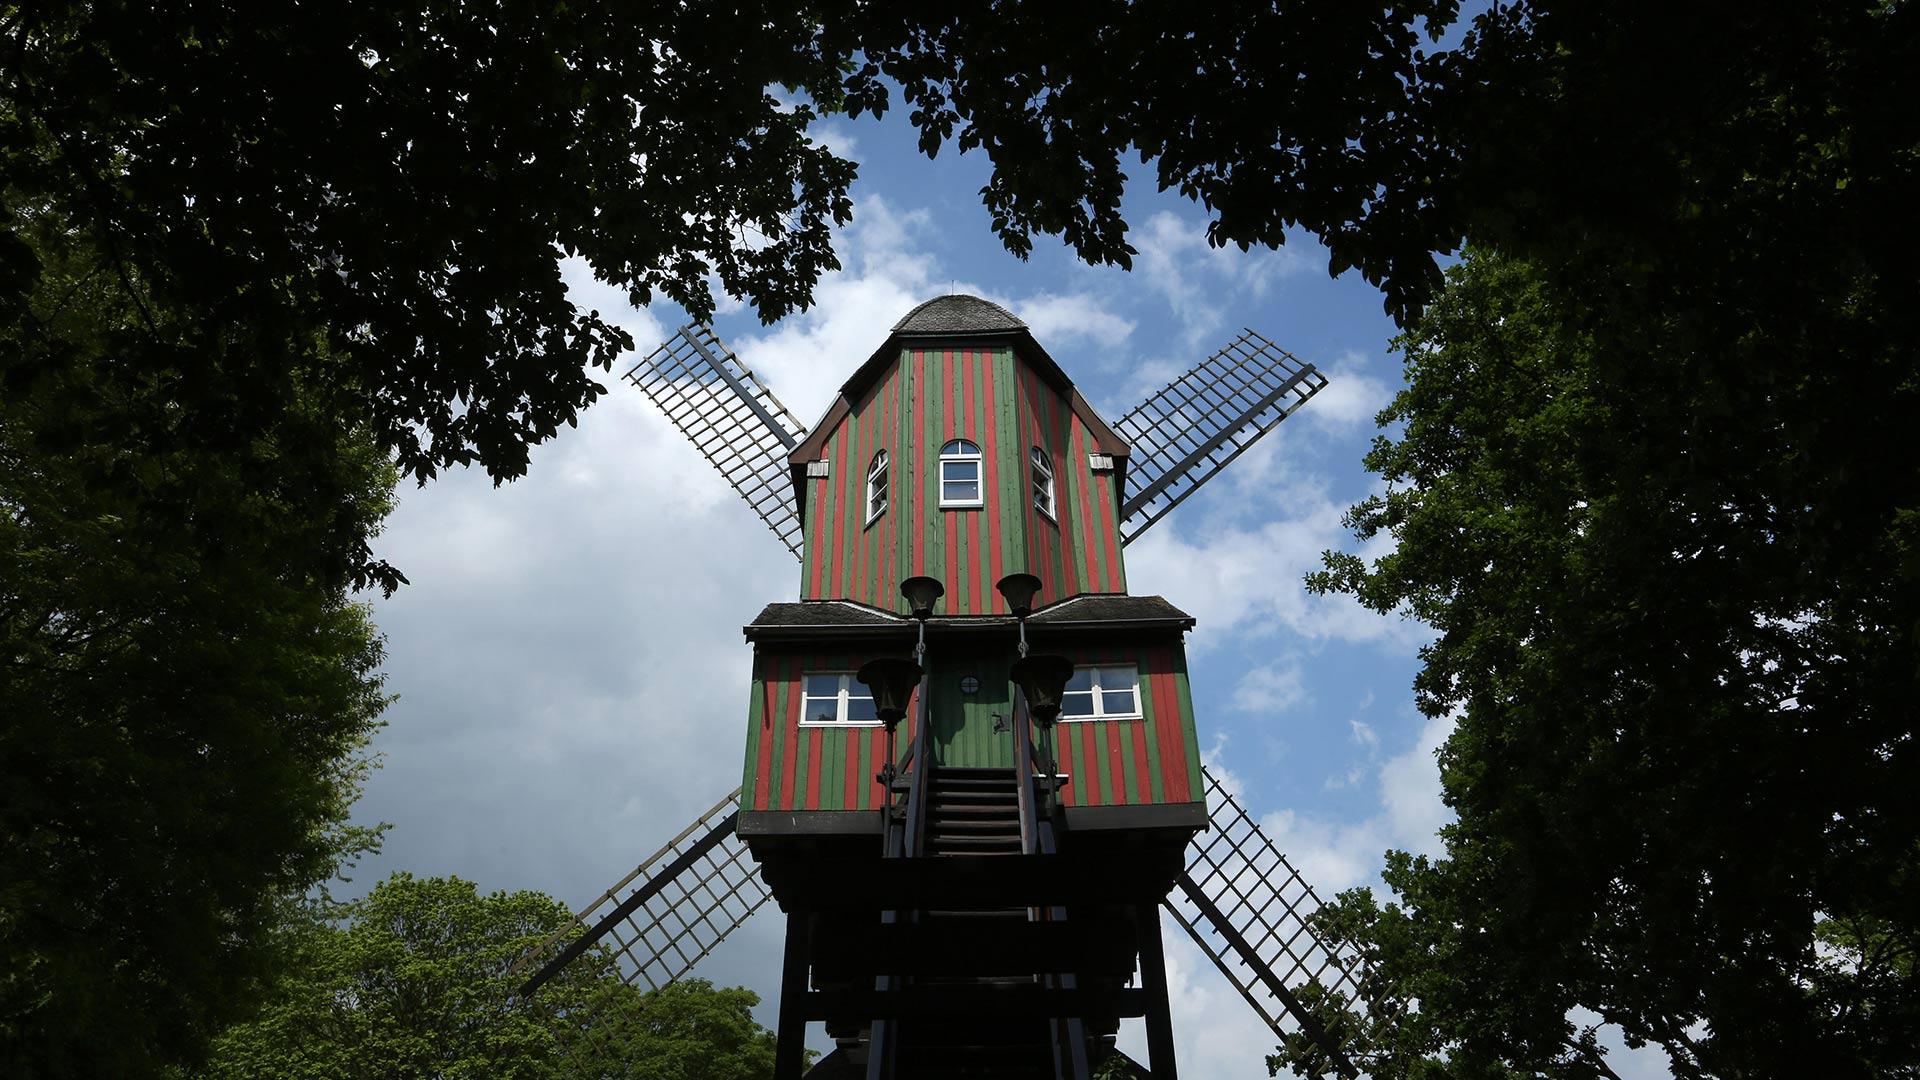 Narrenwindmühle (Fool's Mill) windmill, Dülken, Germany (© dpa picture alliance/Alamy)